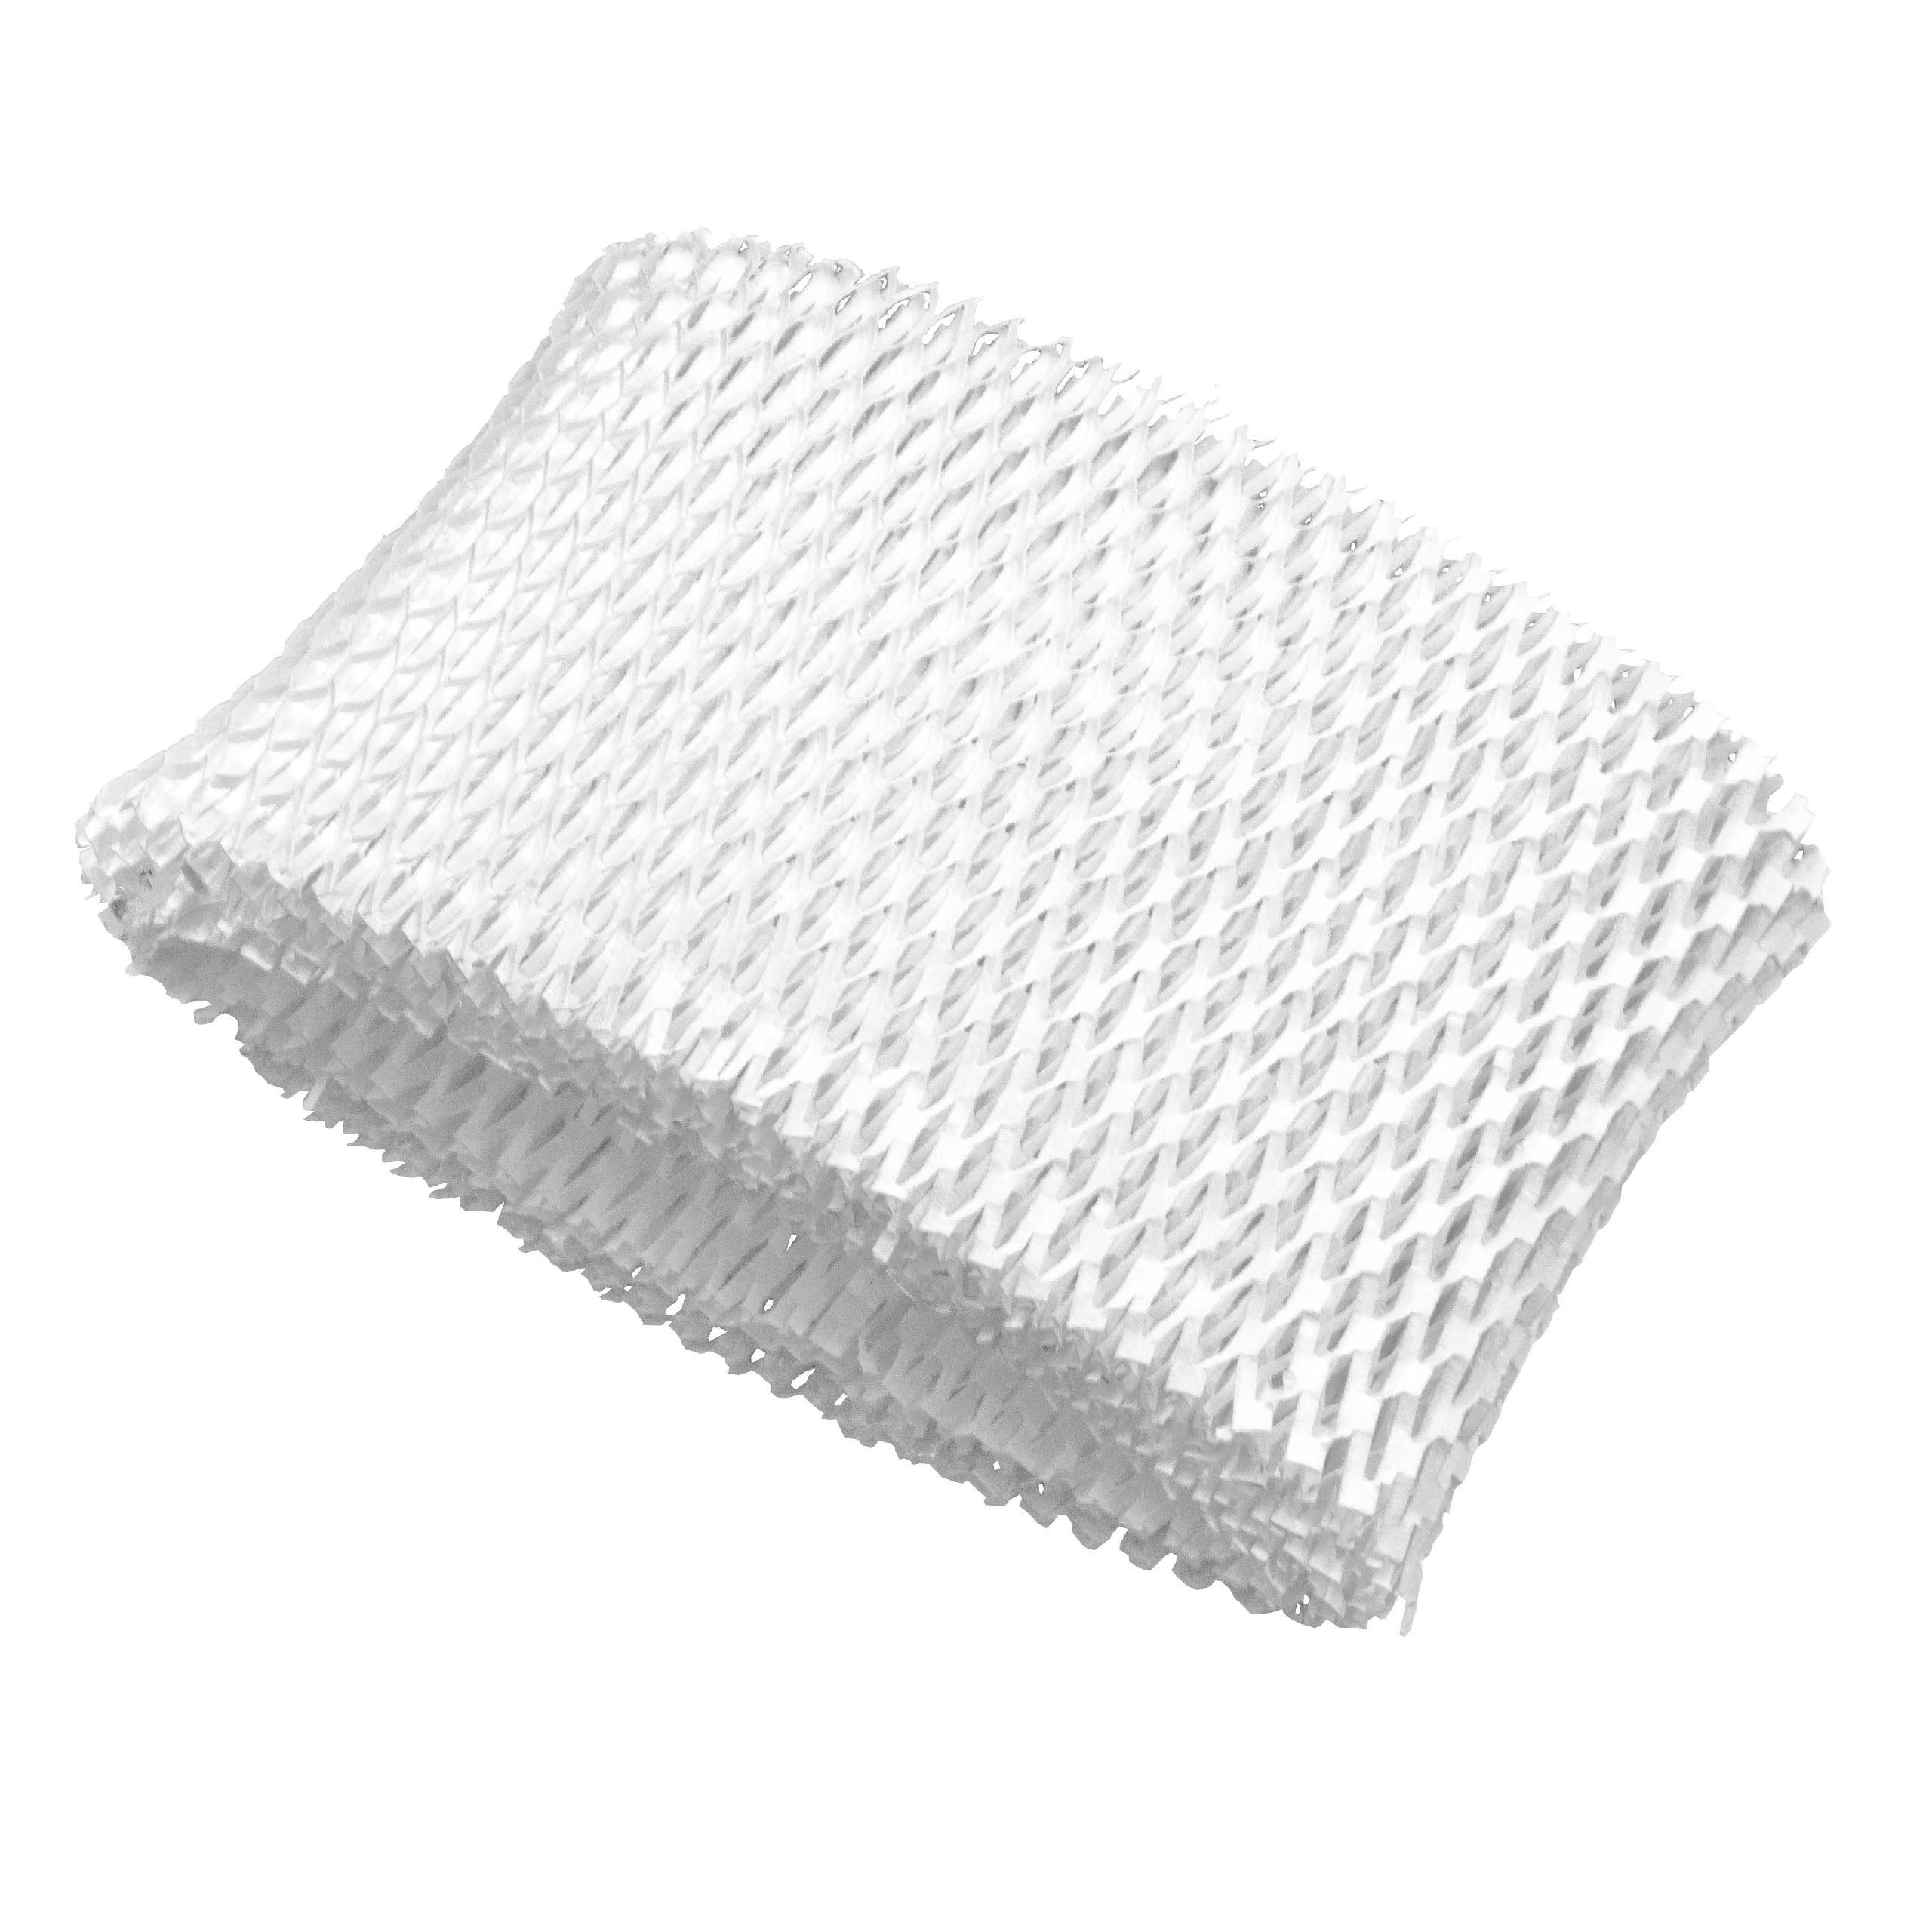 Luftbefeuchter Filter Fur Vicks Honeywell Sunbeam Enviracaire Aca 3e